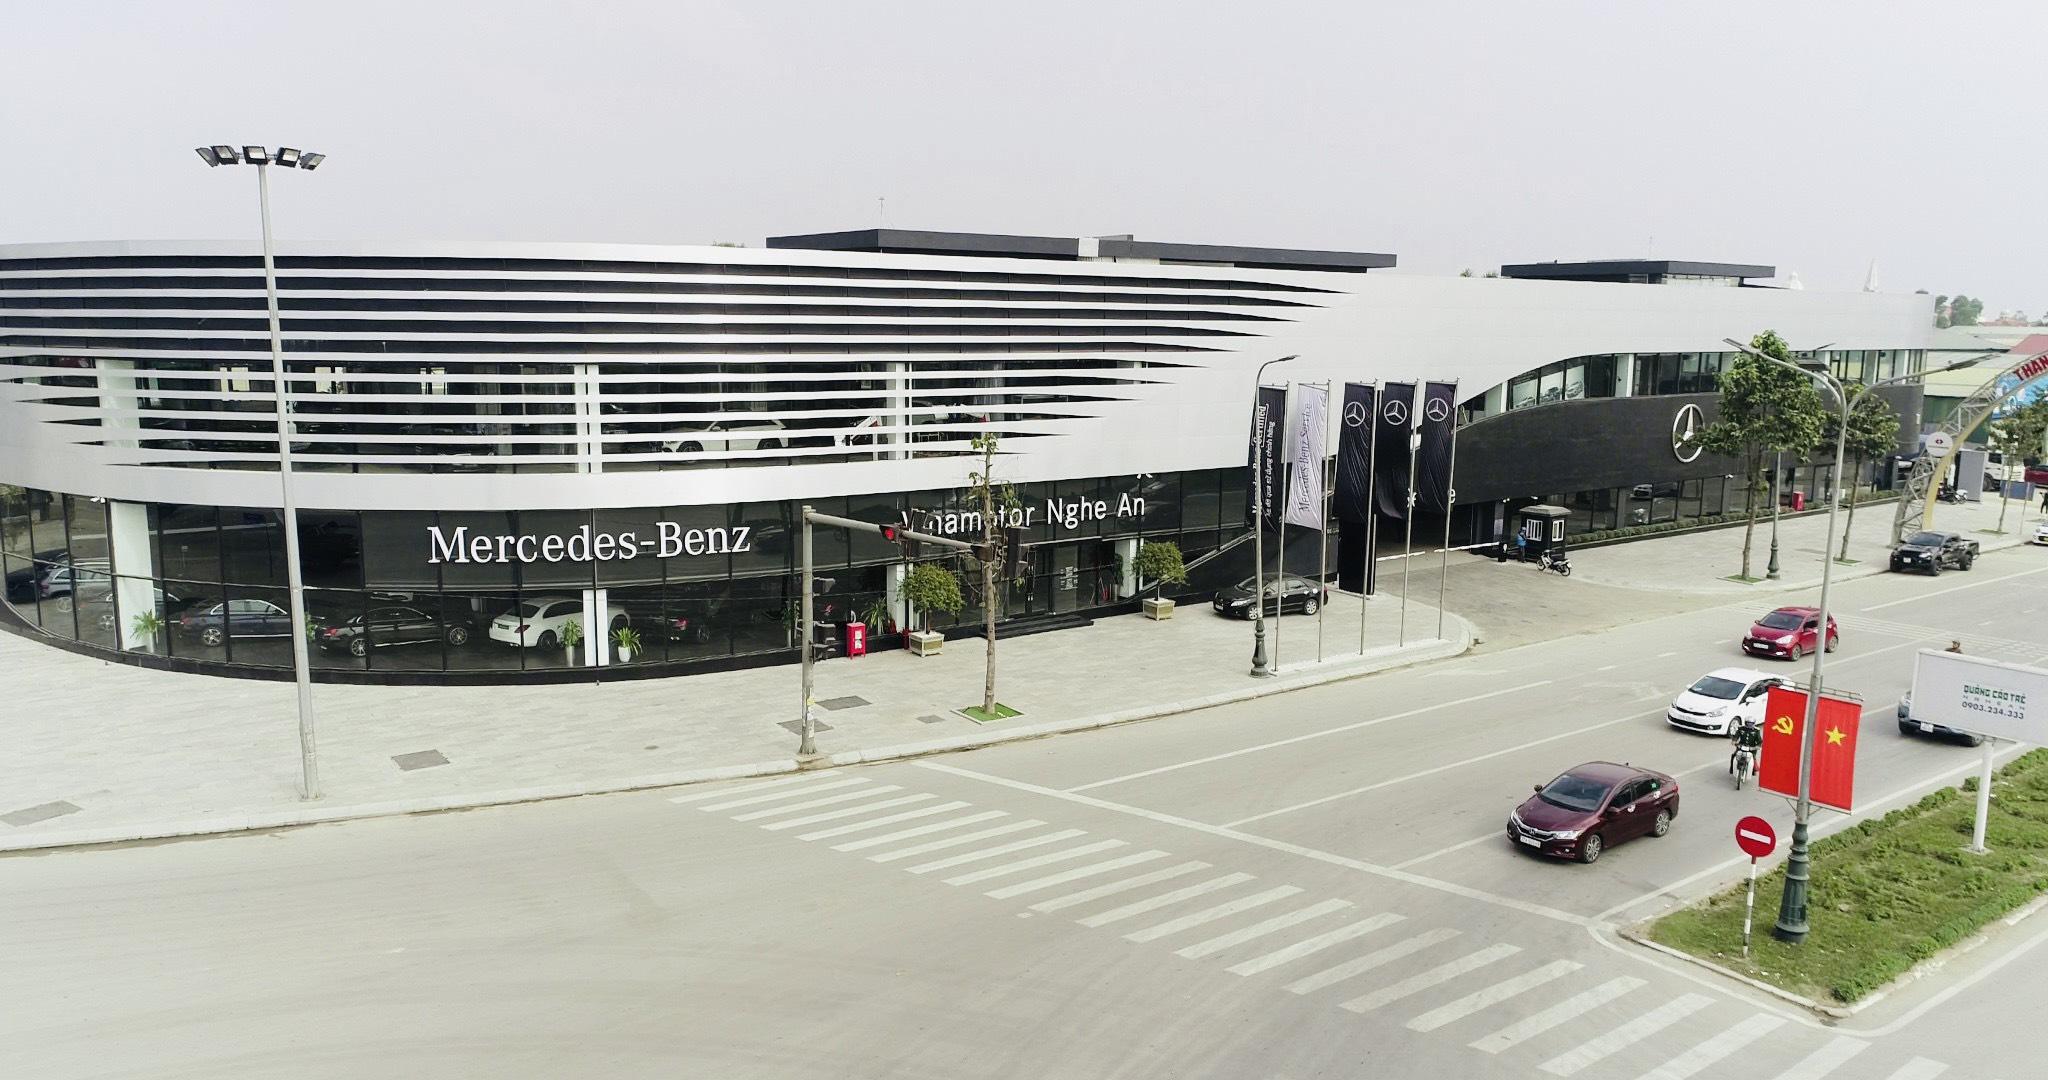 Mercedes-Benz mở rộng thị trường tại khu vực Bắc Trung Bộ mercedes-nghe-an-02.jpeg